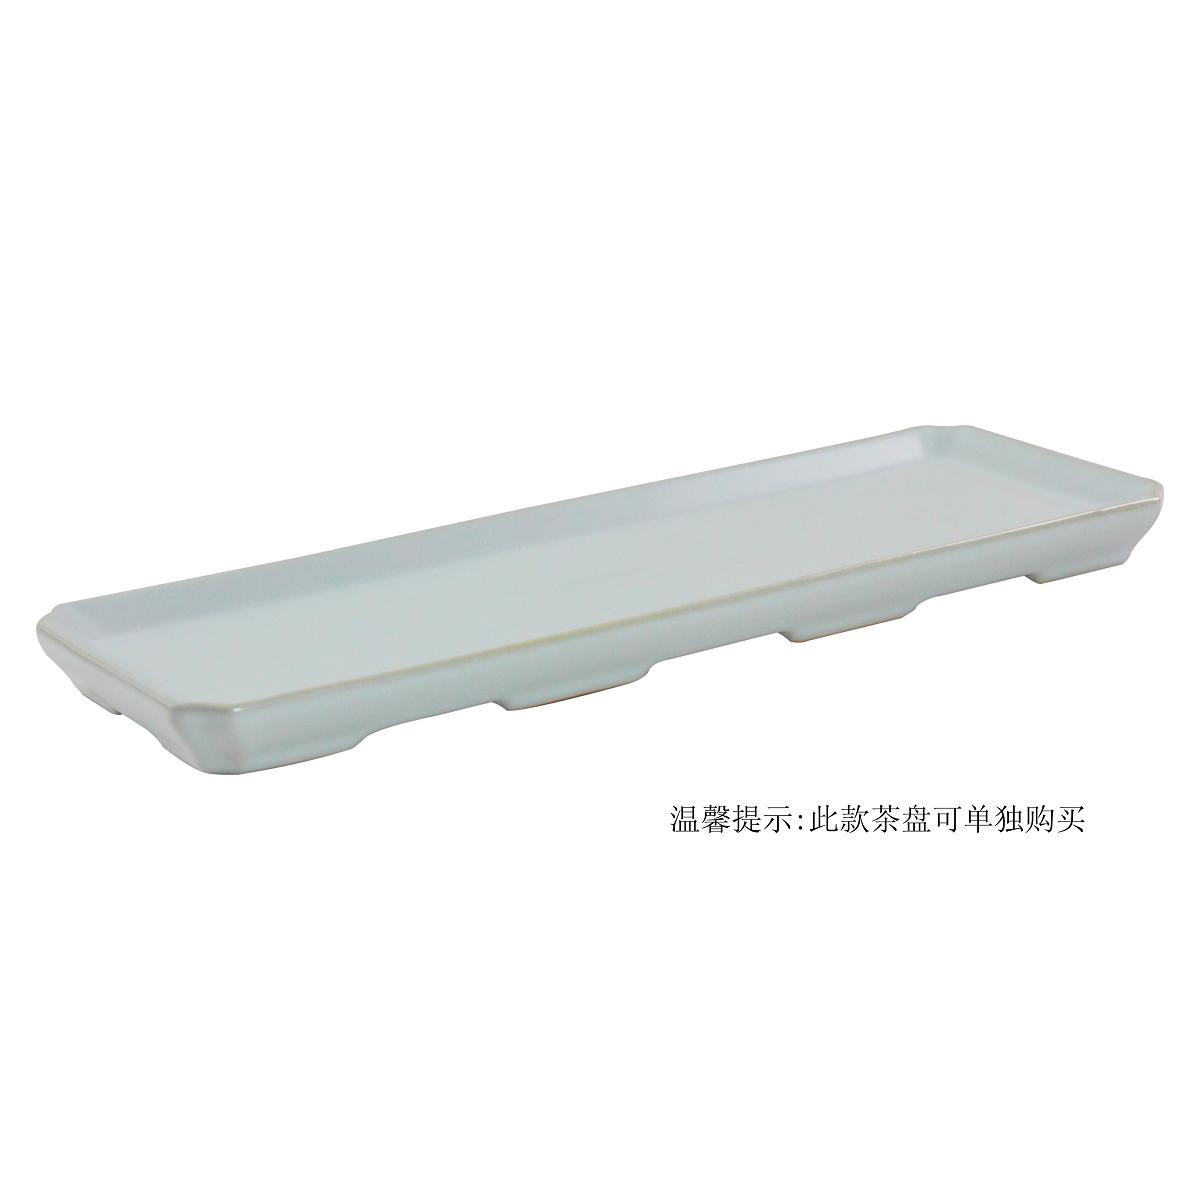 Цвет: Белое блюдце